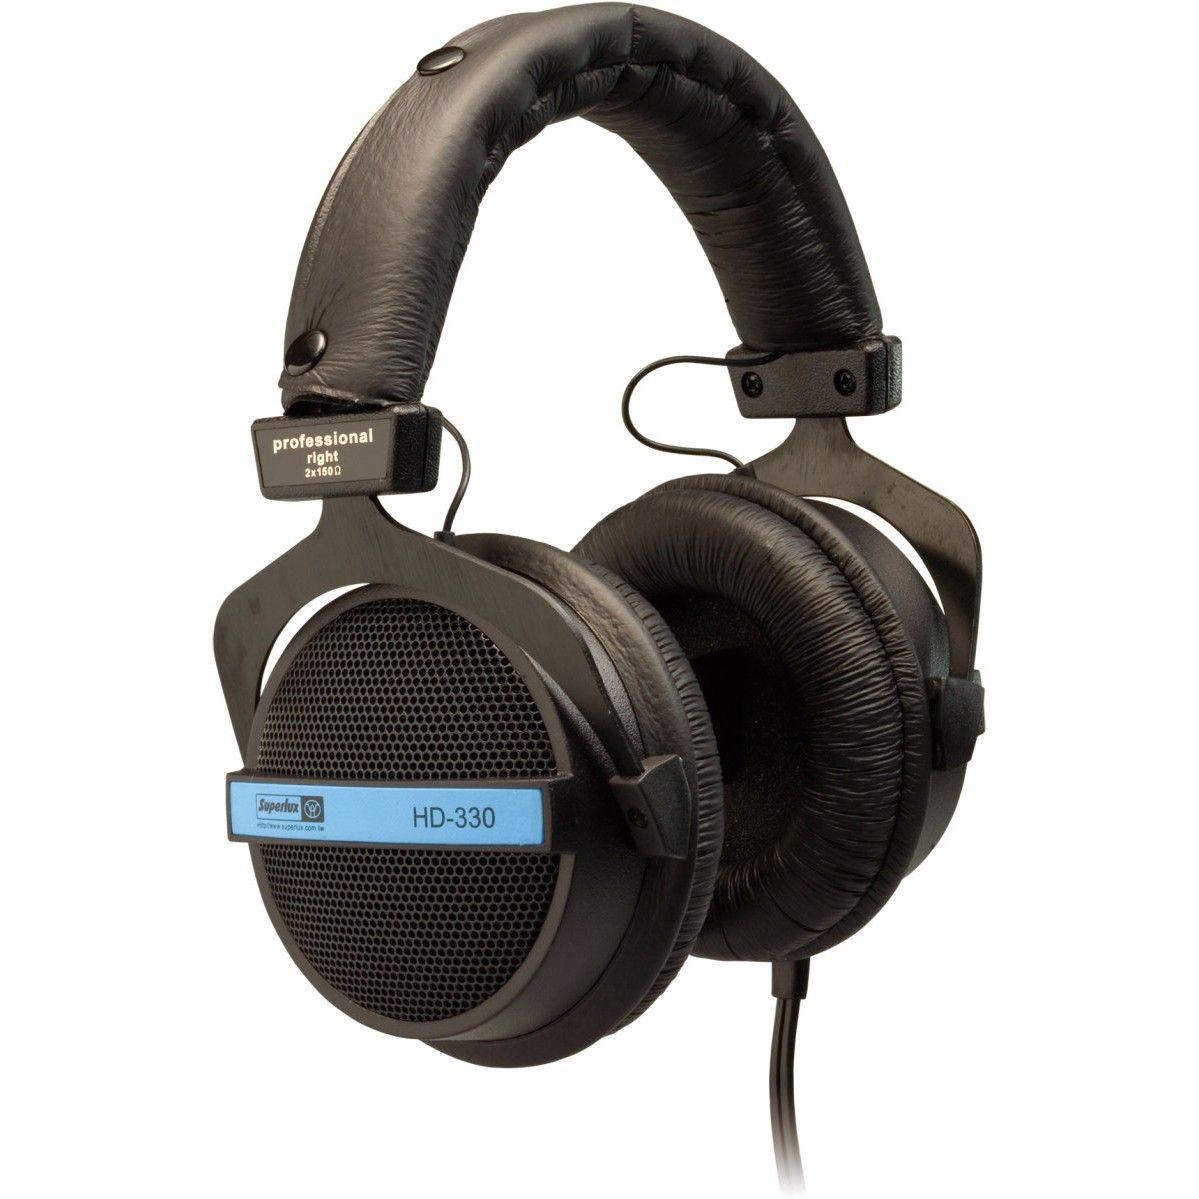 Słuchawki Superlux HD330 za 88zł z 149zł (taniej o 61zł) @Agito.pl (Możliwy odbiór osobisty w 12 miastach!!)